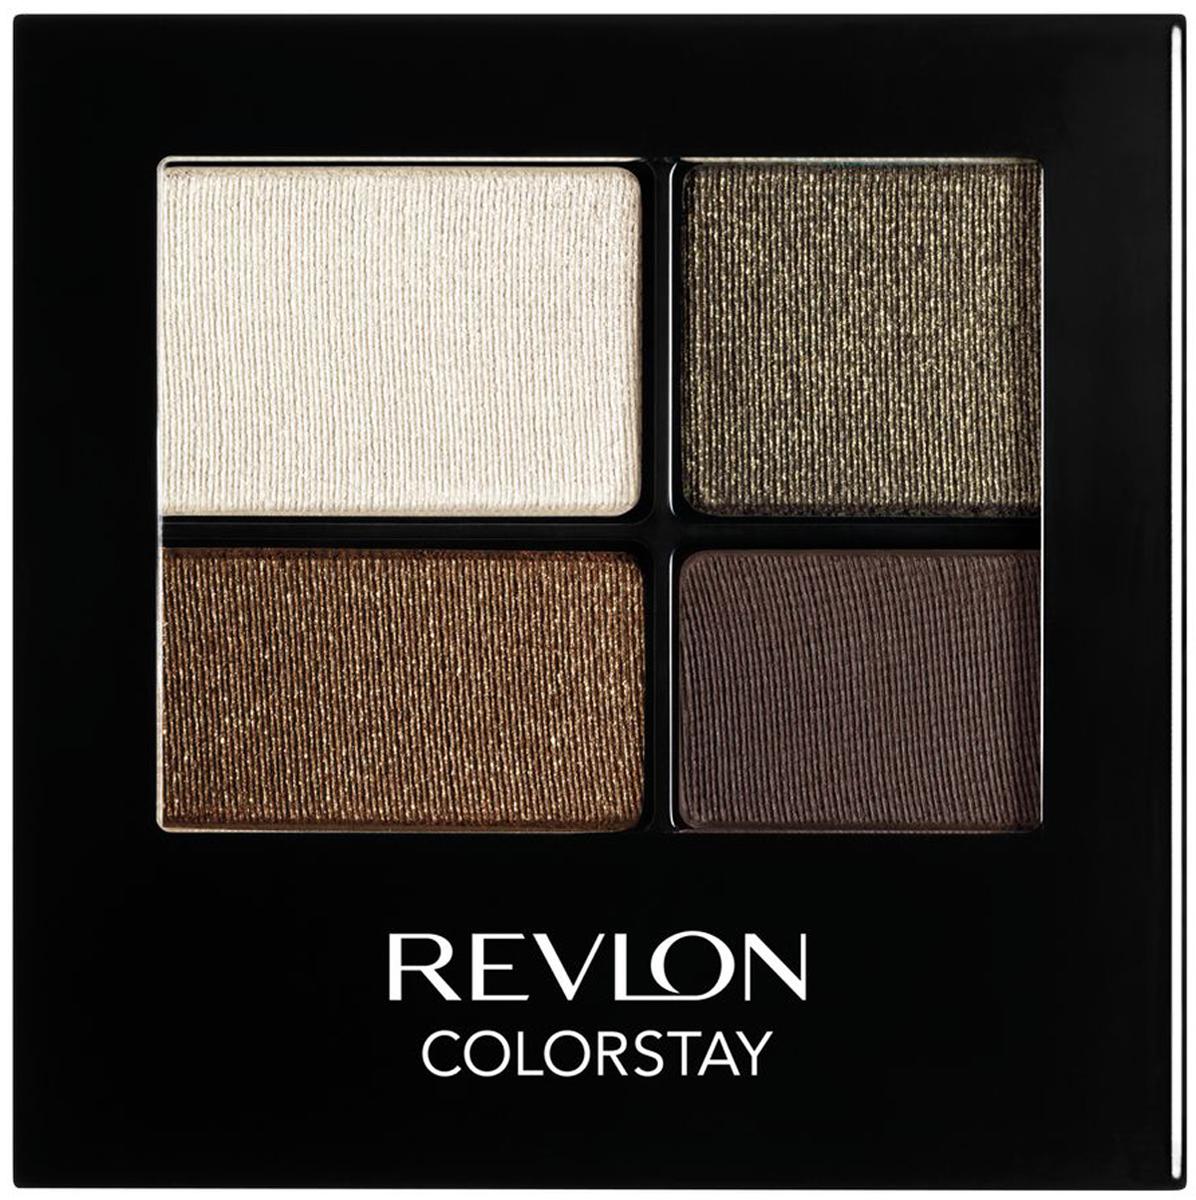 Revlon Тени для Век Четырехцветные Colorstay Eye16 Hour Eye Shadow Quad Adventurous 515 4,8 г7210767004Colorstay 16 Hour Sahdow - роскошные тени для век с шелковистой текстурой и невероятно стойкой формулой. Теперь ваш макияж сохранит свой безупречный вид не менее 16 часов! Все оттенки гармонично сочетаются друг с другом и легко смешиваются, позволяя создать бесконечное количество вариантов макияжа глаз: от нежных, естественных, едва заметных, до ярких, выразительных, драматических. На оборотной стороне продукта приведена схема нанесения.Аккуратно нанести на веки специальной кисточкой.